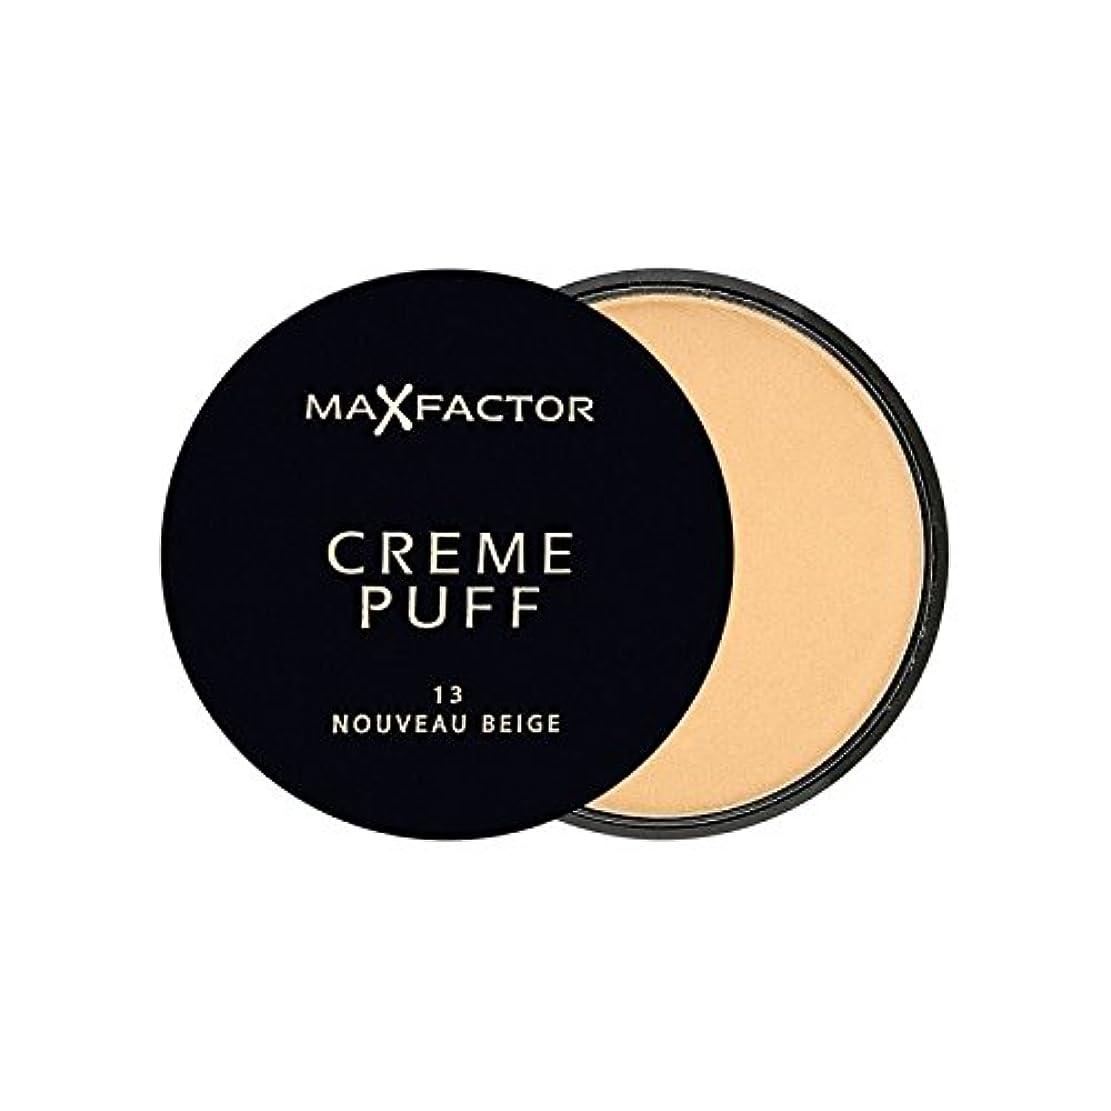 第二に財布フェードアウトMax Factor Creme Puff Powder Compact Nouveau Beige 13 - マックスファクタークリームパフ粉末コンパクトヌーボーベージュ13 [並行輸入品]